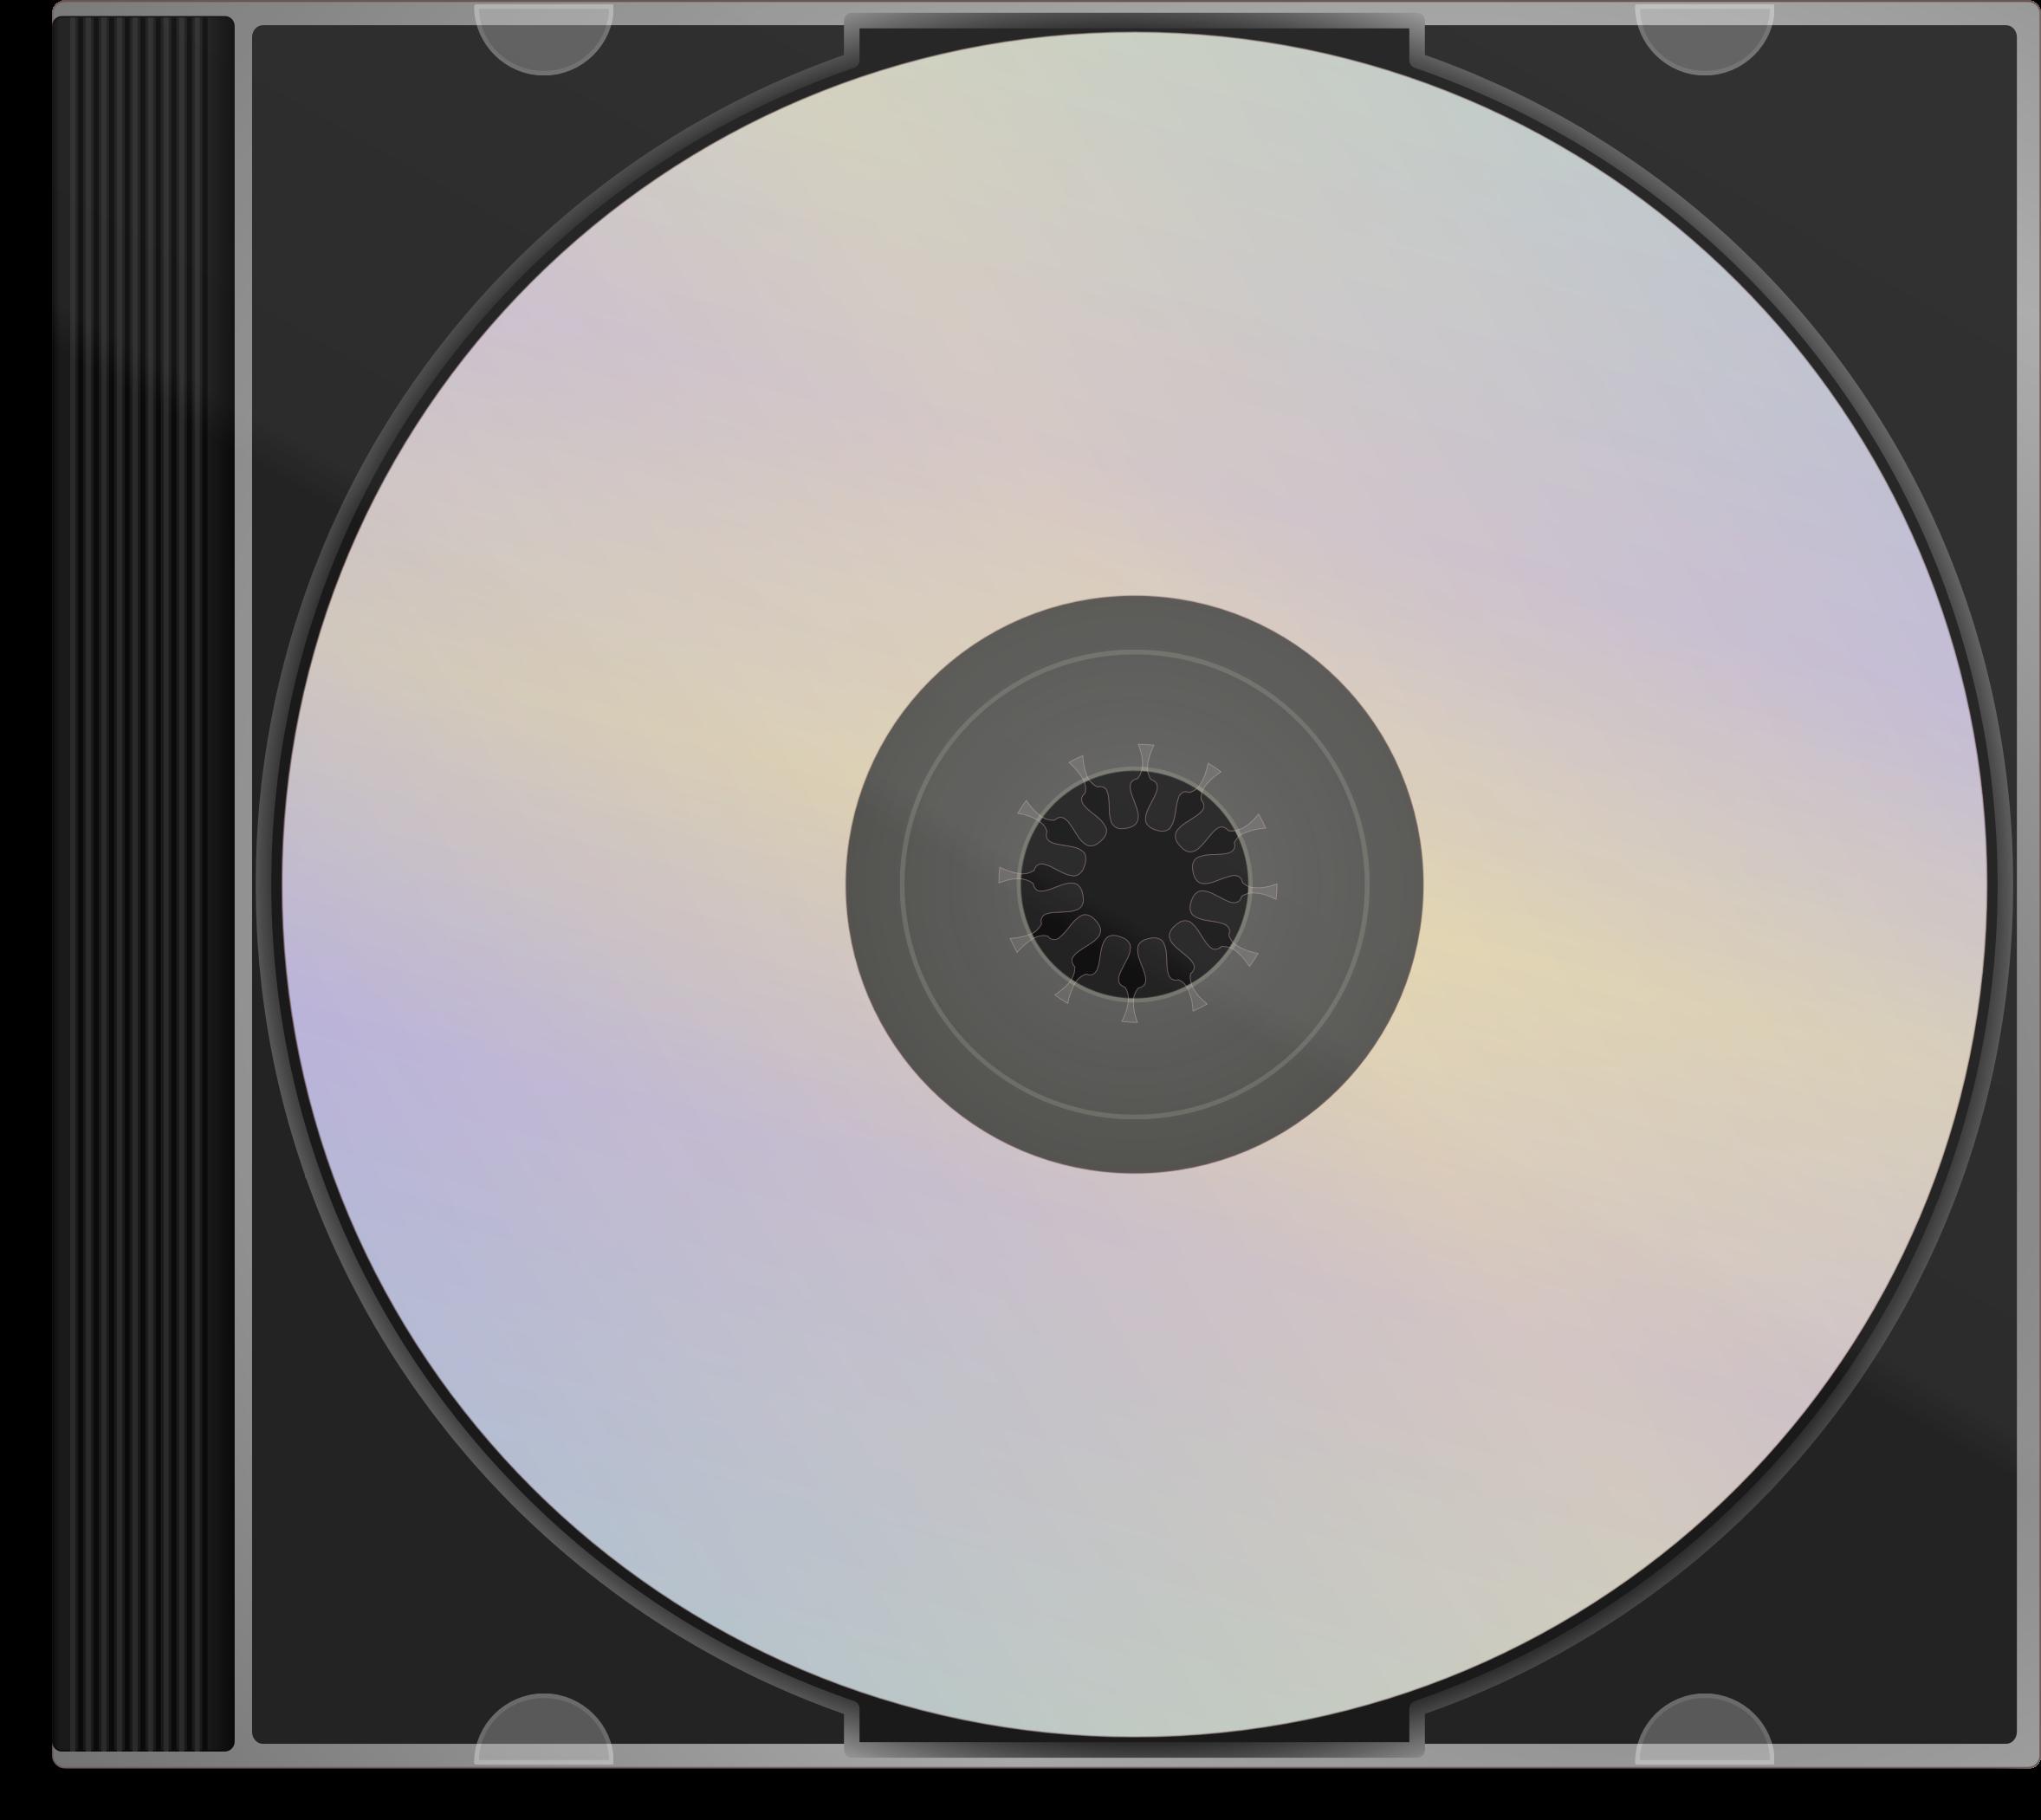 Cd clipart computer cd. Compact disc kompaktas big